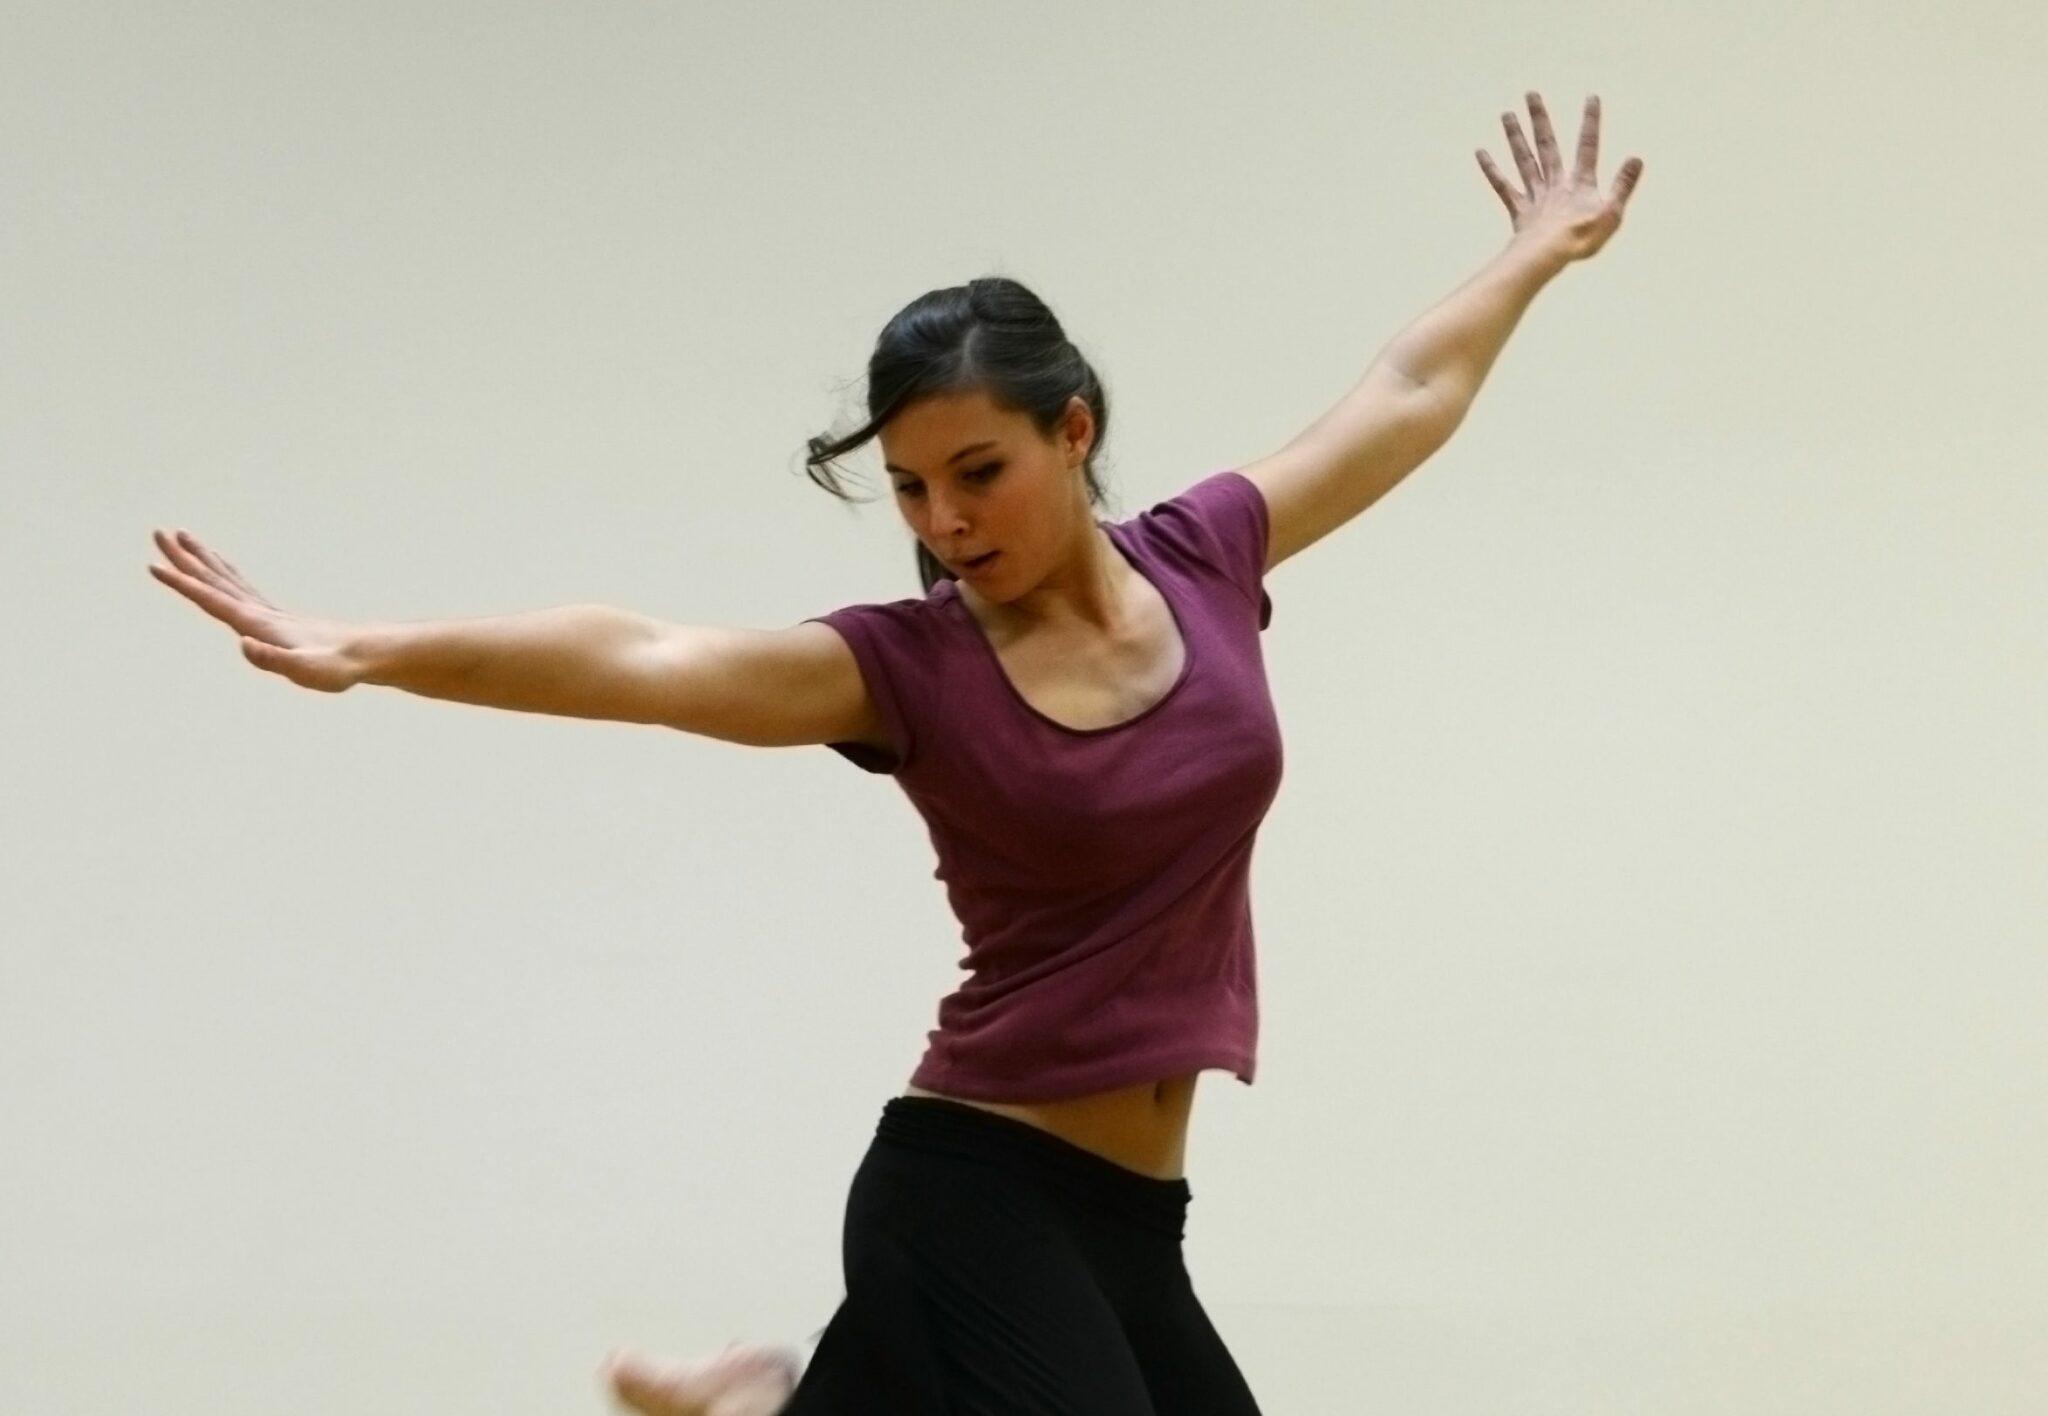 Zoé : « Le sport n'est pas que de la performance, c'est aussi un moyen de connaître son corps. »